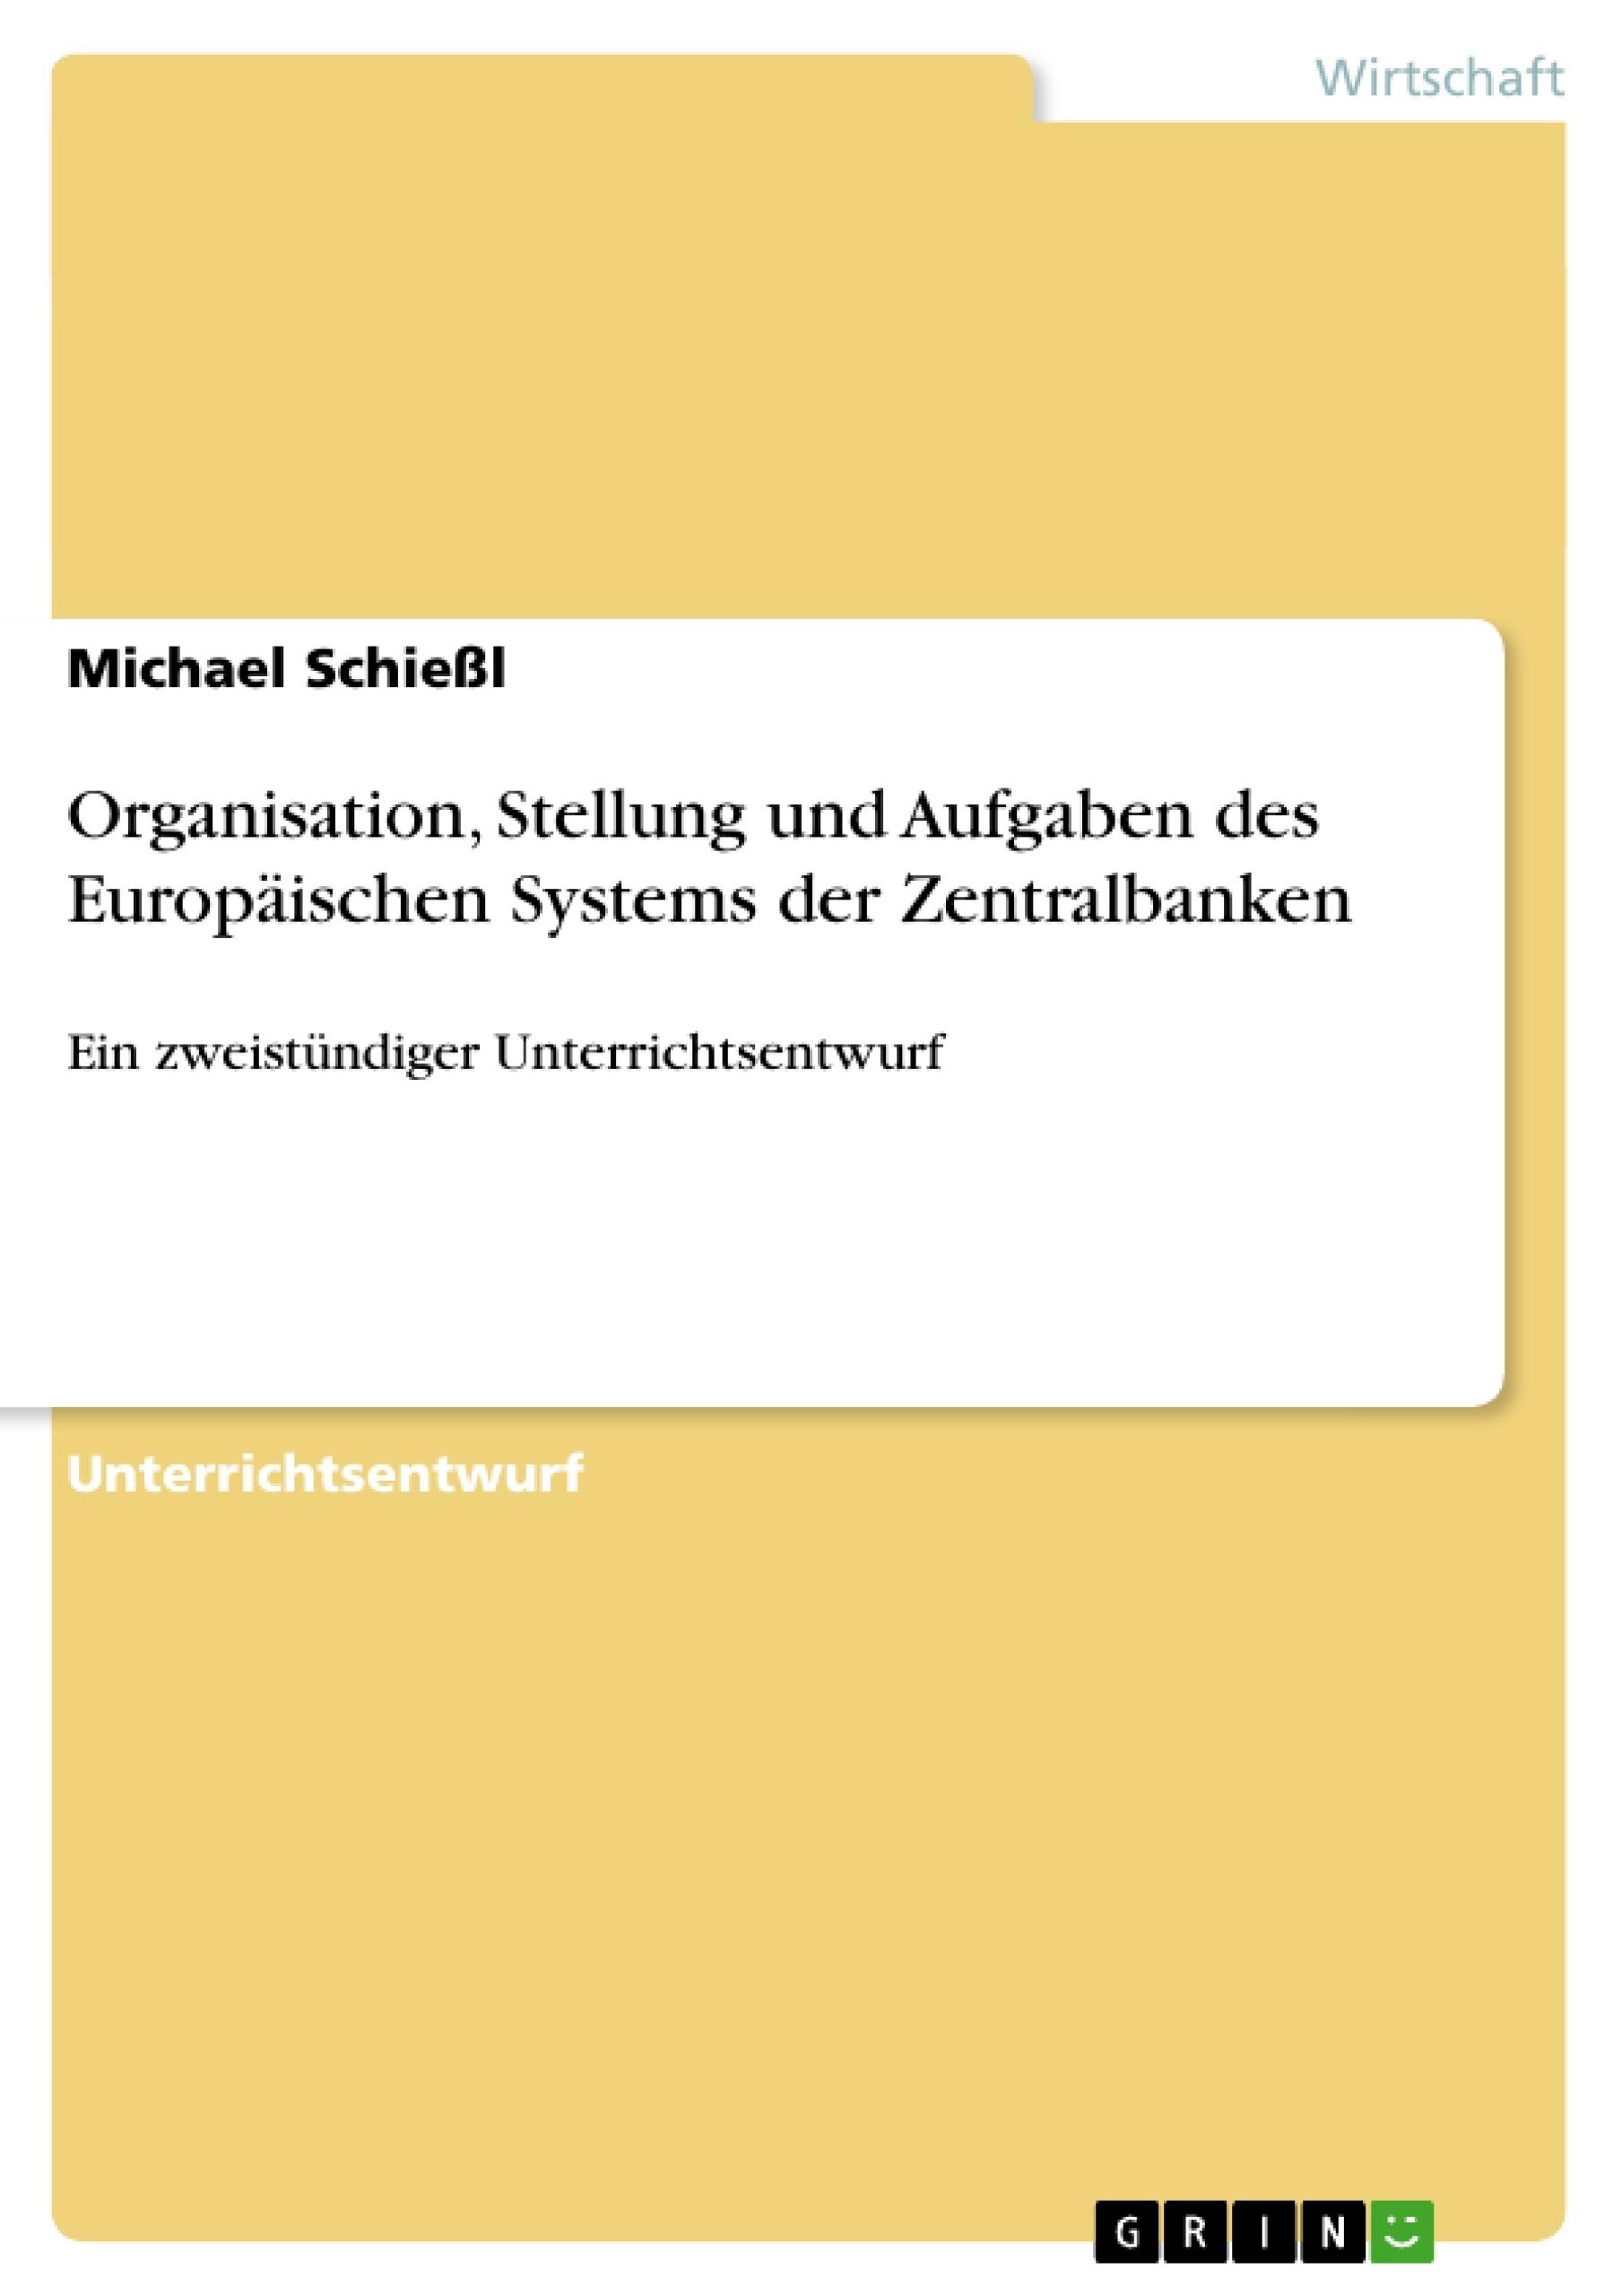 Titel: Organisation, Stellung und Aufgaben des Europäischen Systems der Zentralbanken